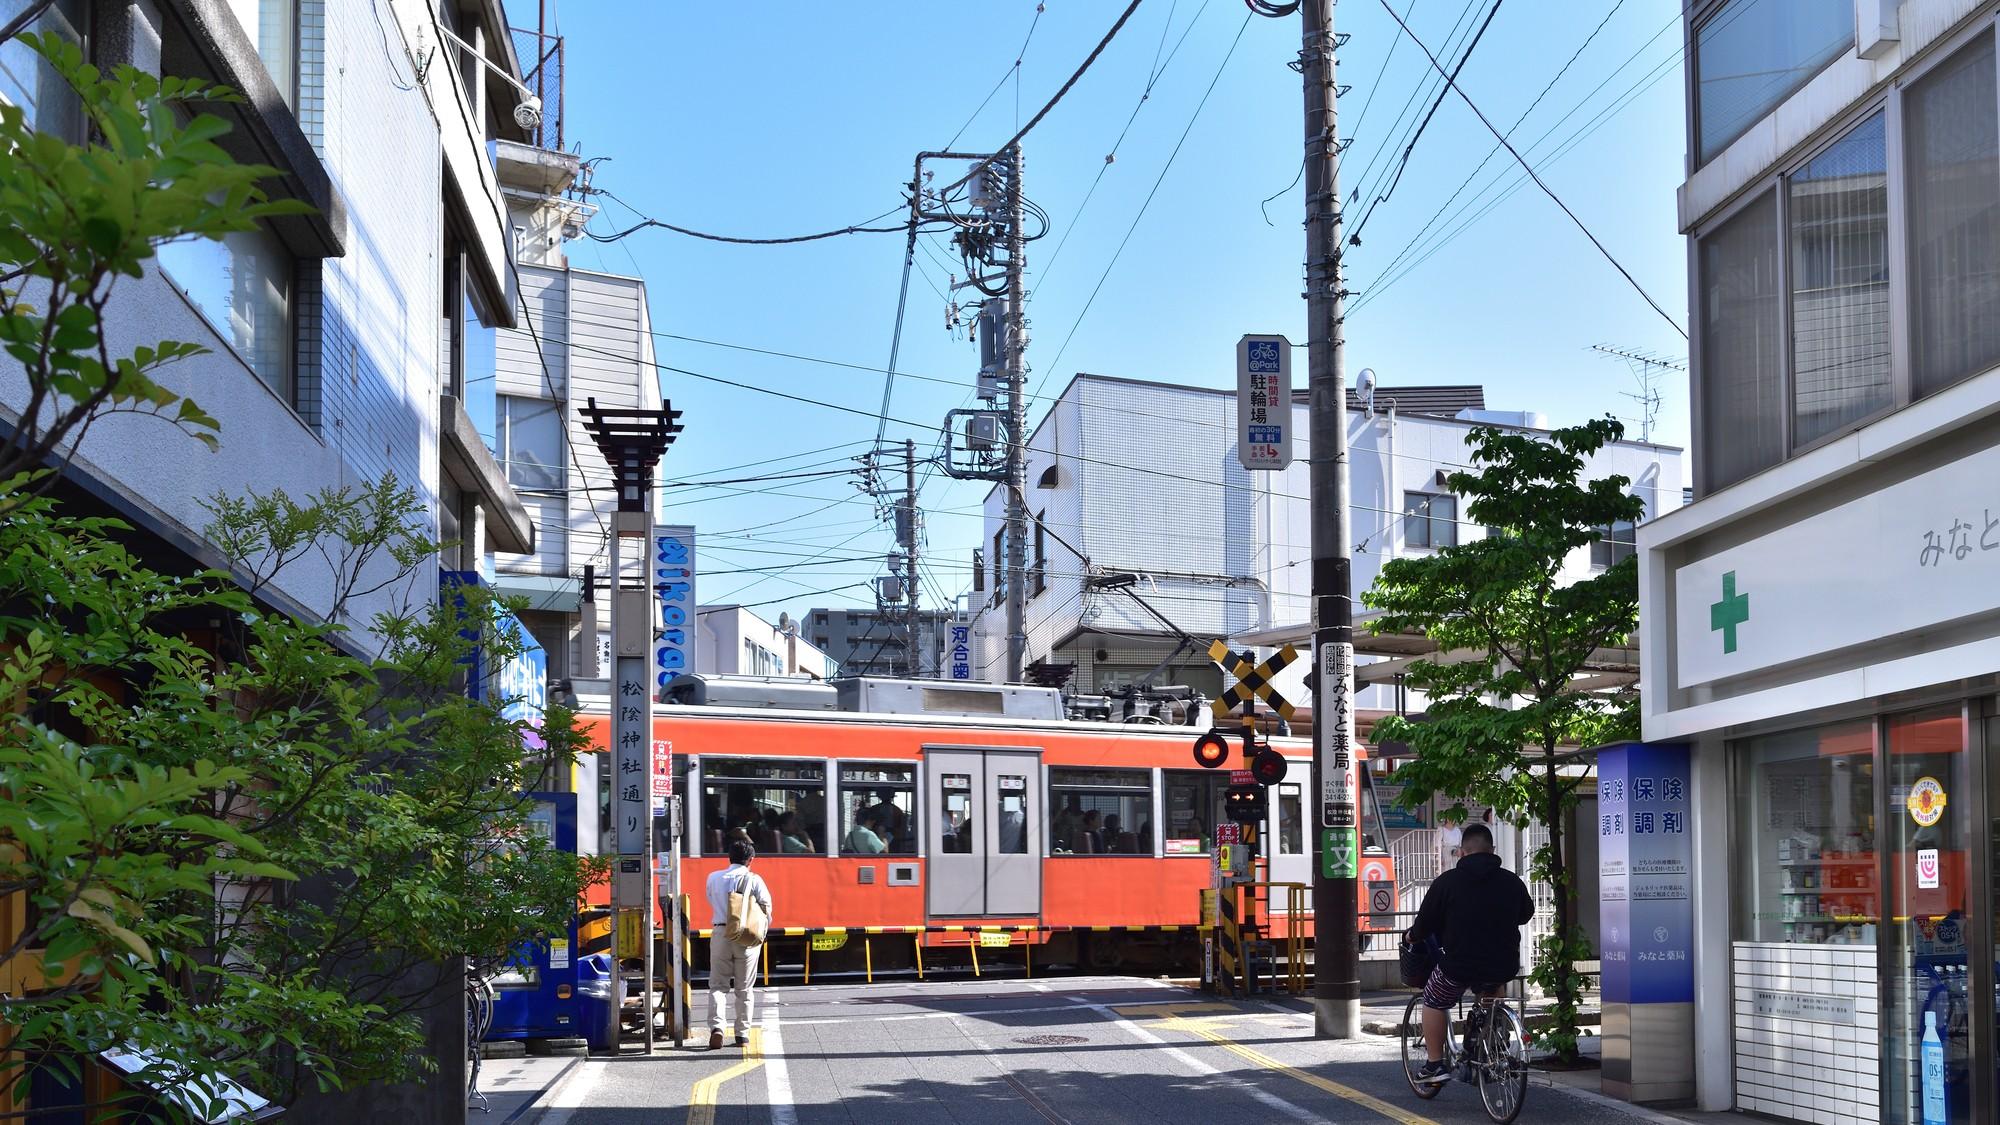 路面電車・東急世田谷線「松陰神社前」は、不動産投資の穴場!?